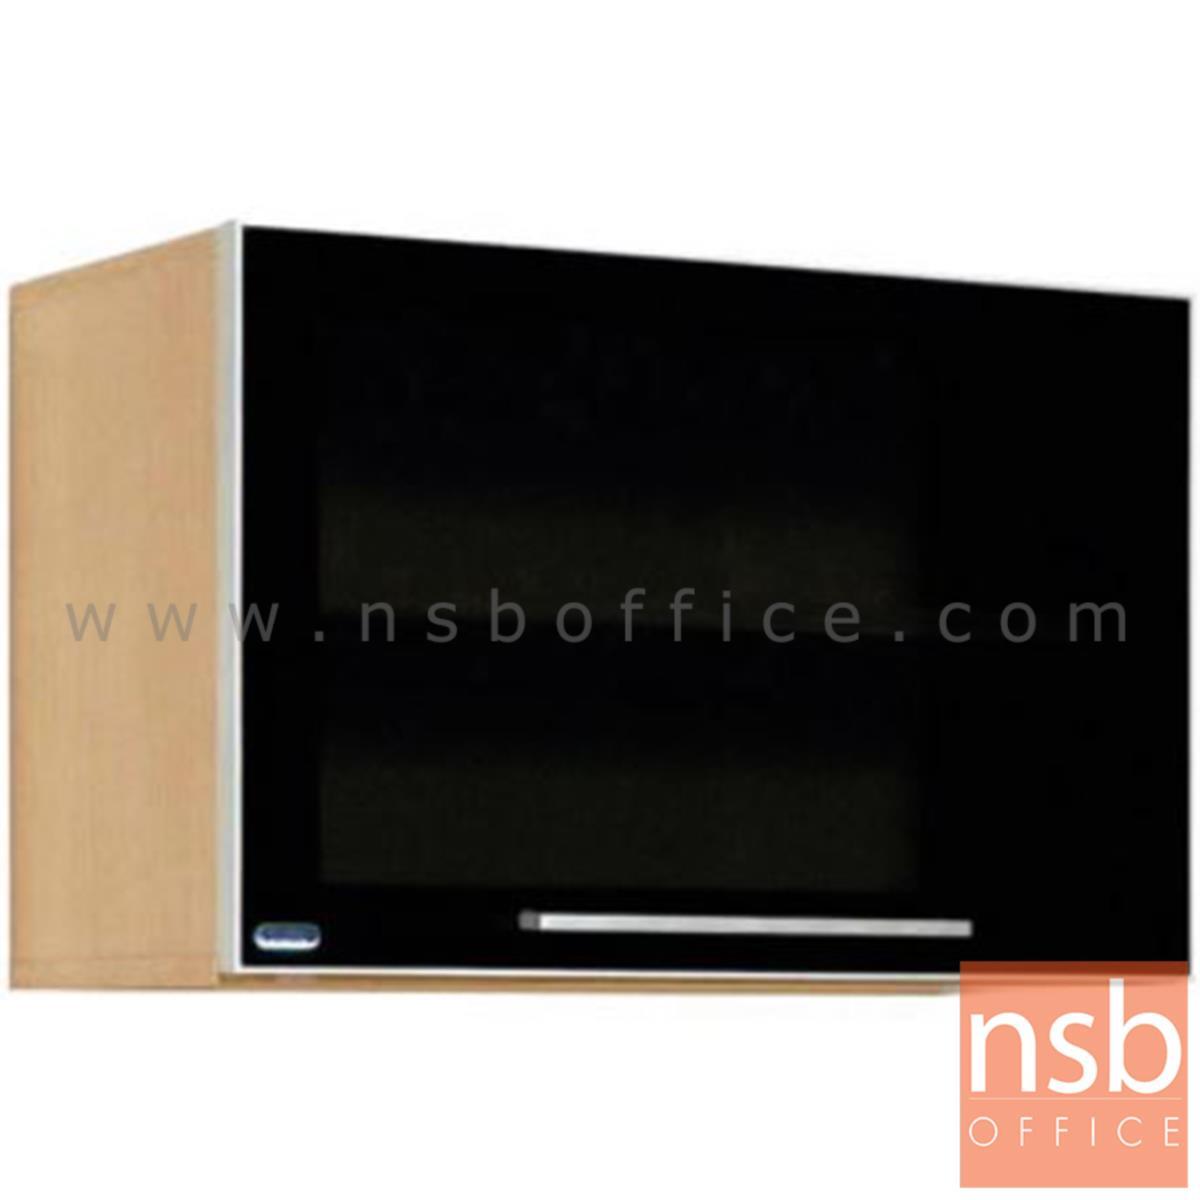 K02A008:ตู้แขวนผนังบานเปิดกระจกดำ สีบีชดำ รุ่น Junket (จังเก็ต) เมลามีน (สำหรับครัวเปียกและครัวแห้ง)